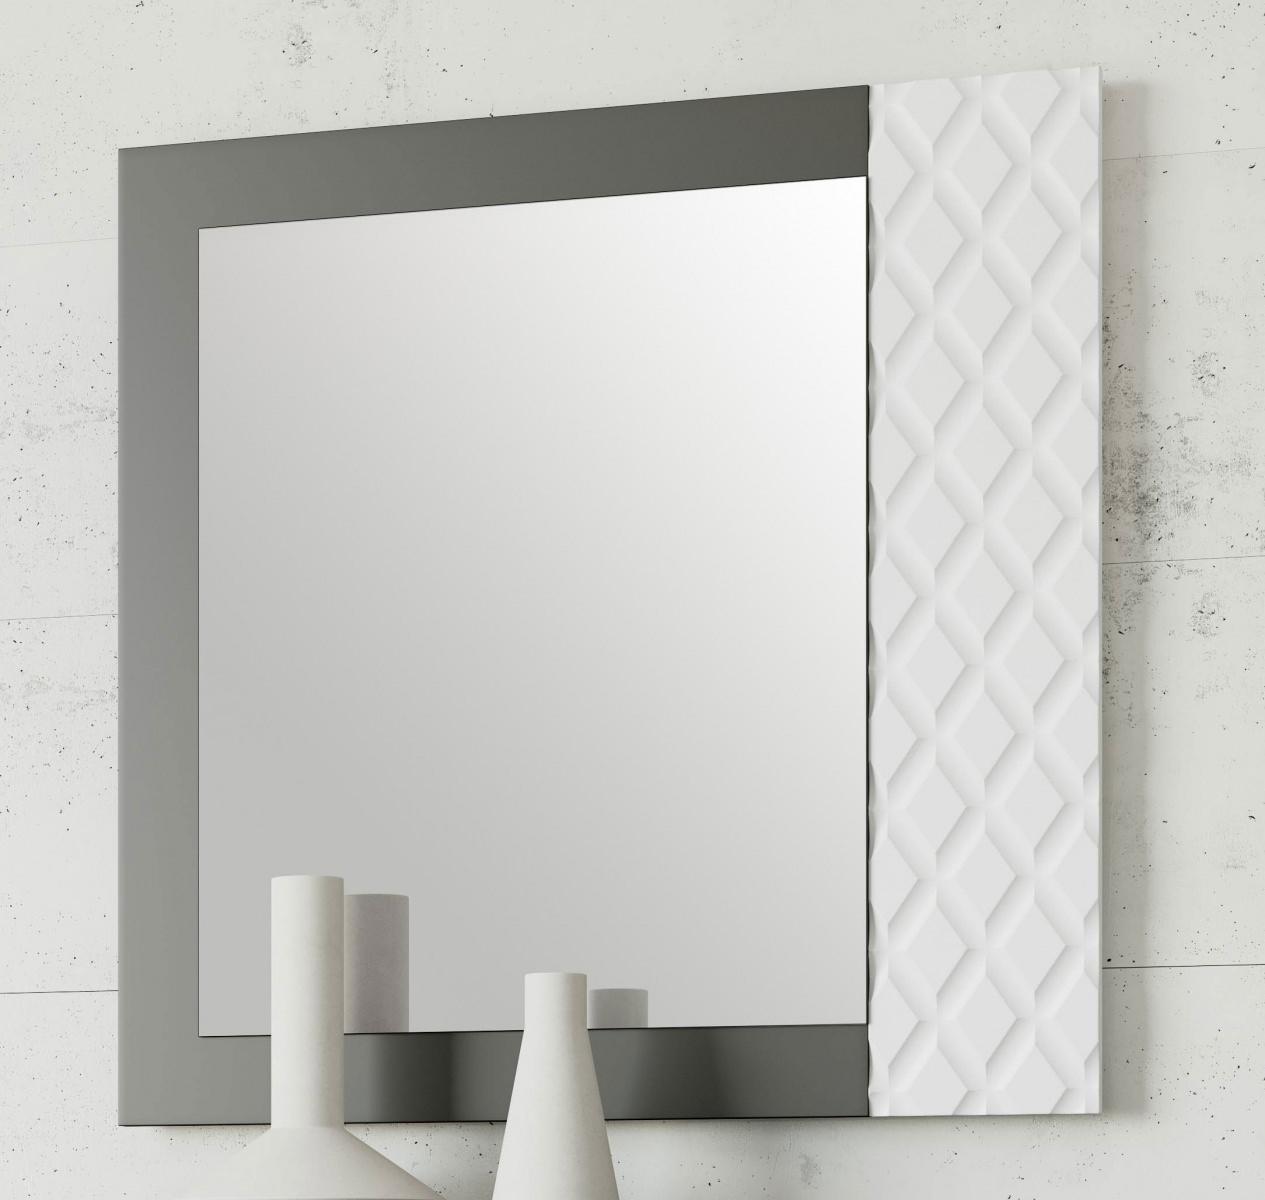 Зеркало NORA 3043.6 Grafito/Blanco Disemobel